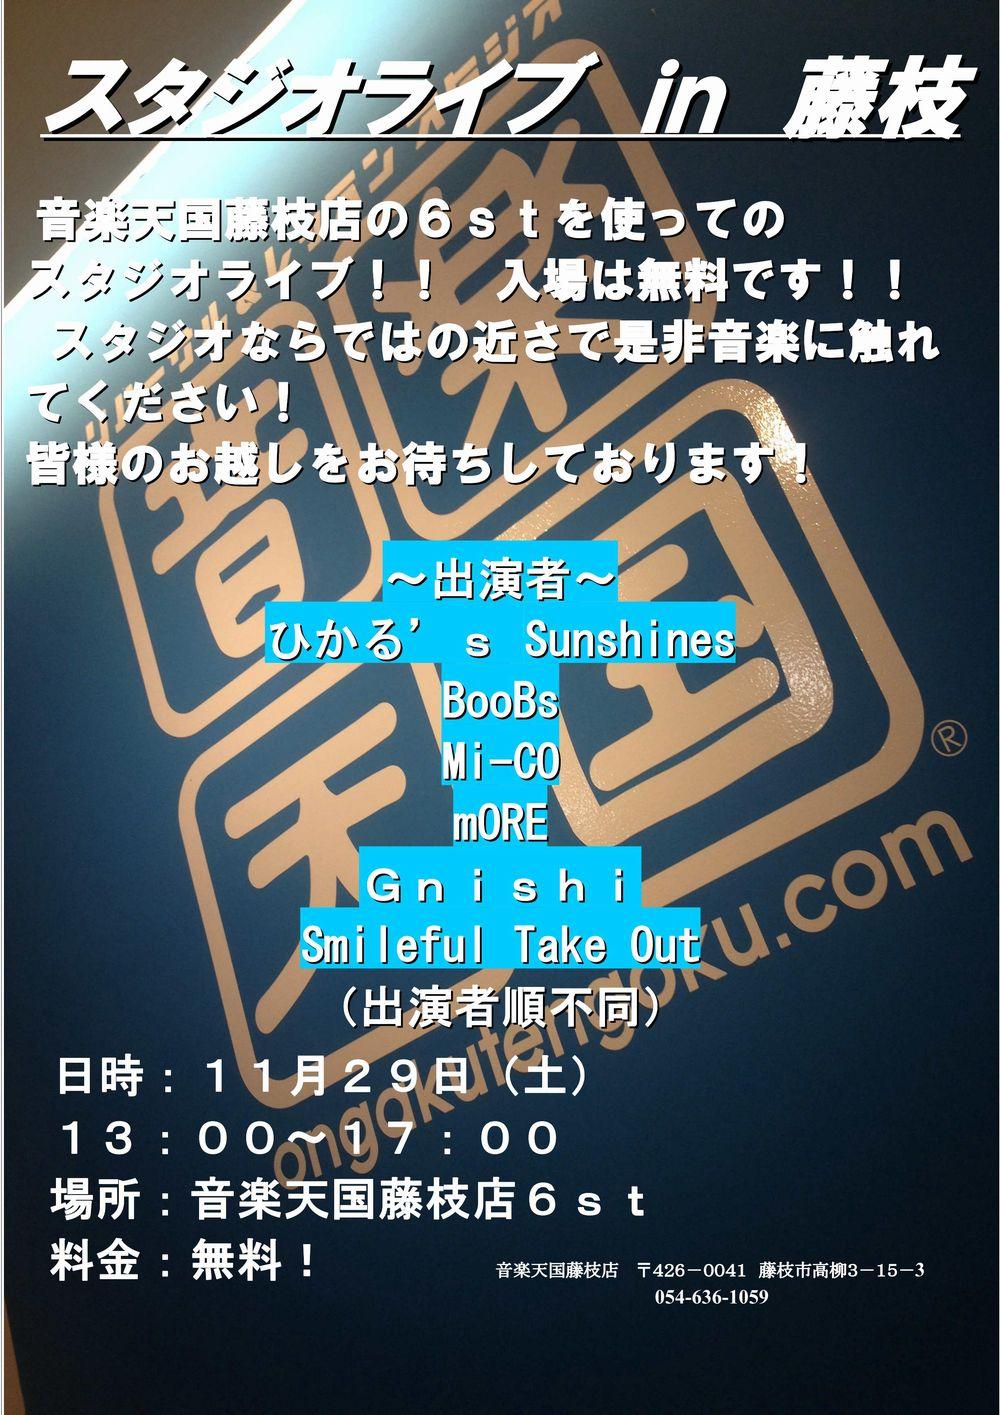 【スタジオライブ】音楽天国・藤枝店11月29日(土)開催!